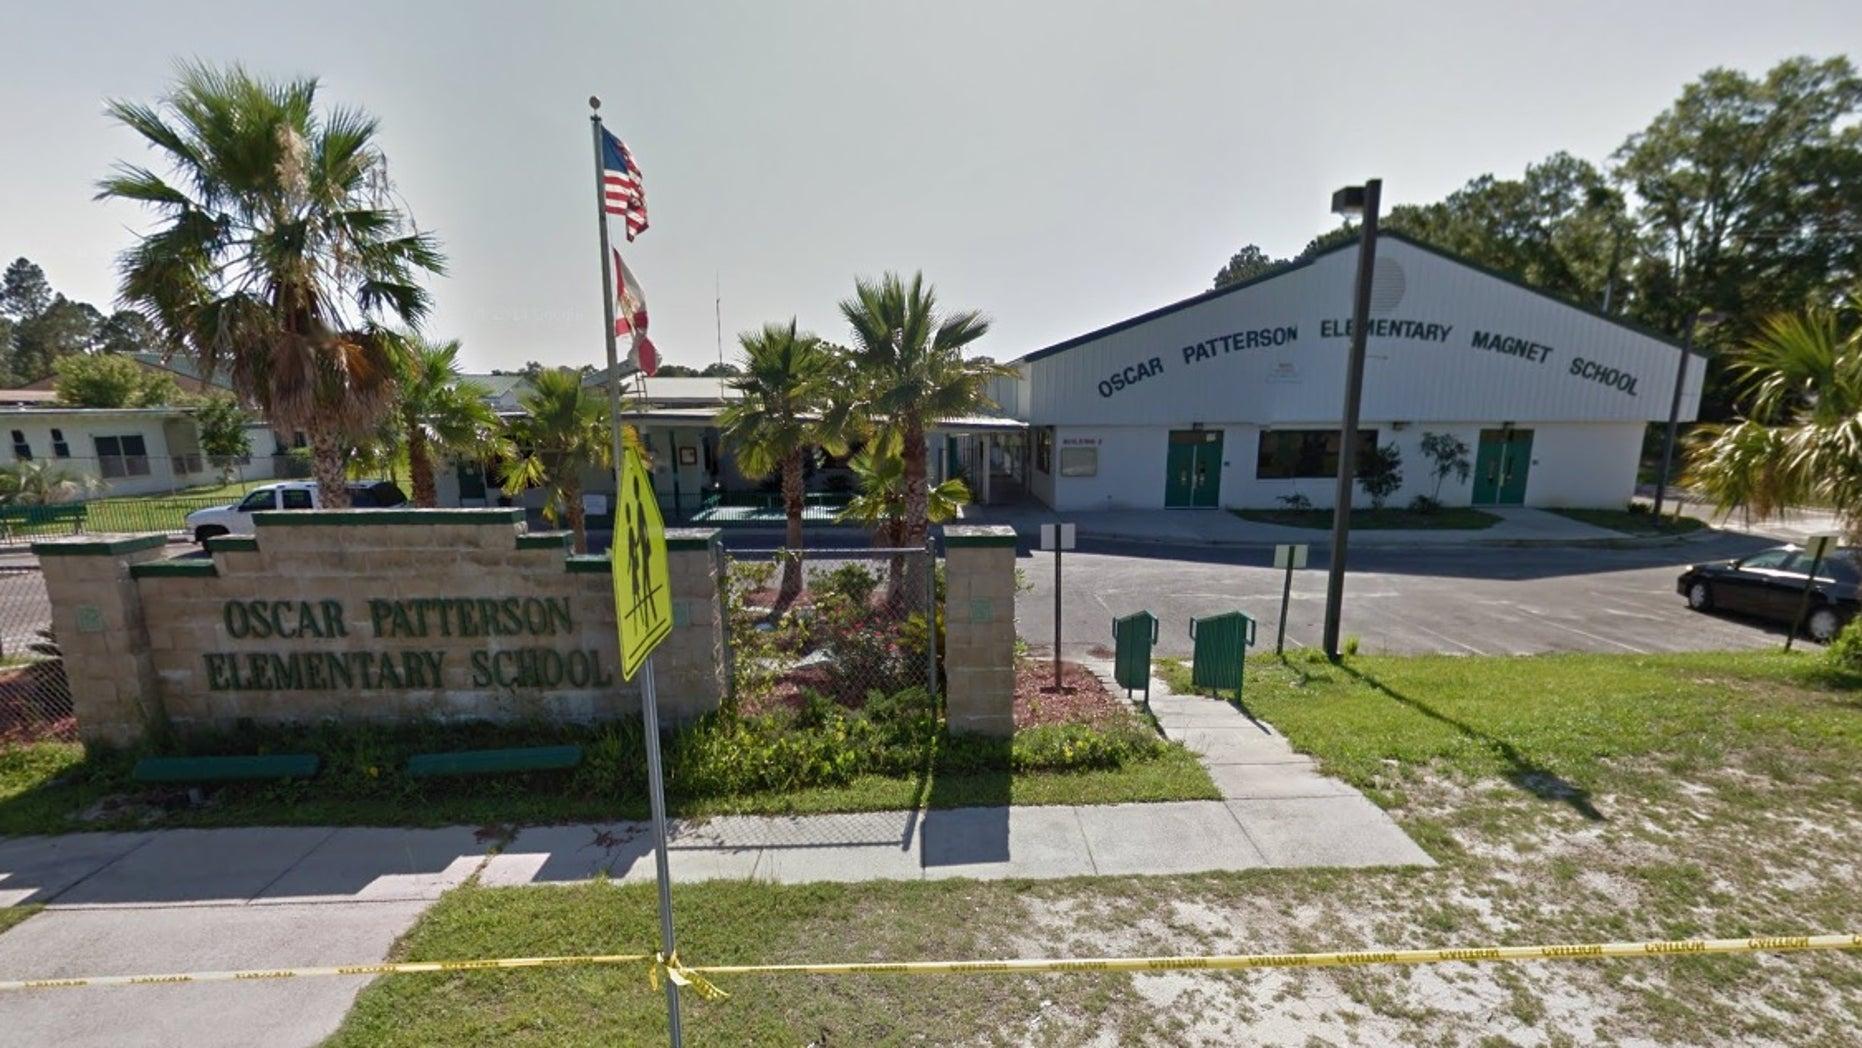 Oscar Patterson Elementary School in Panama City.